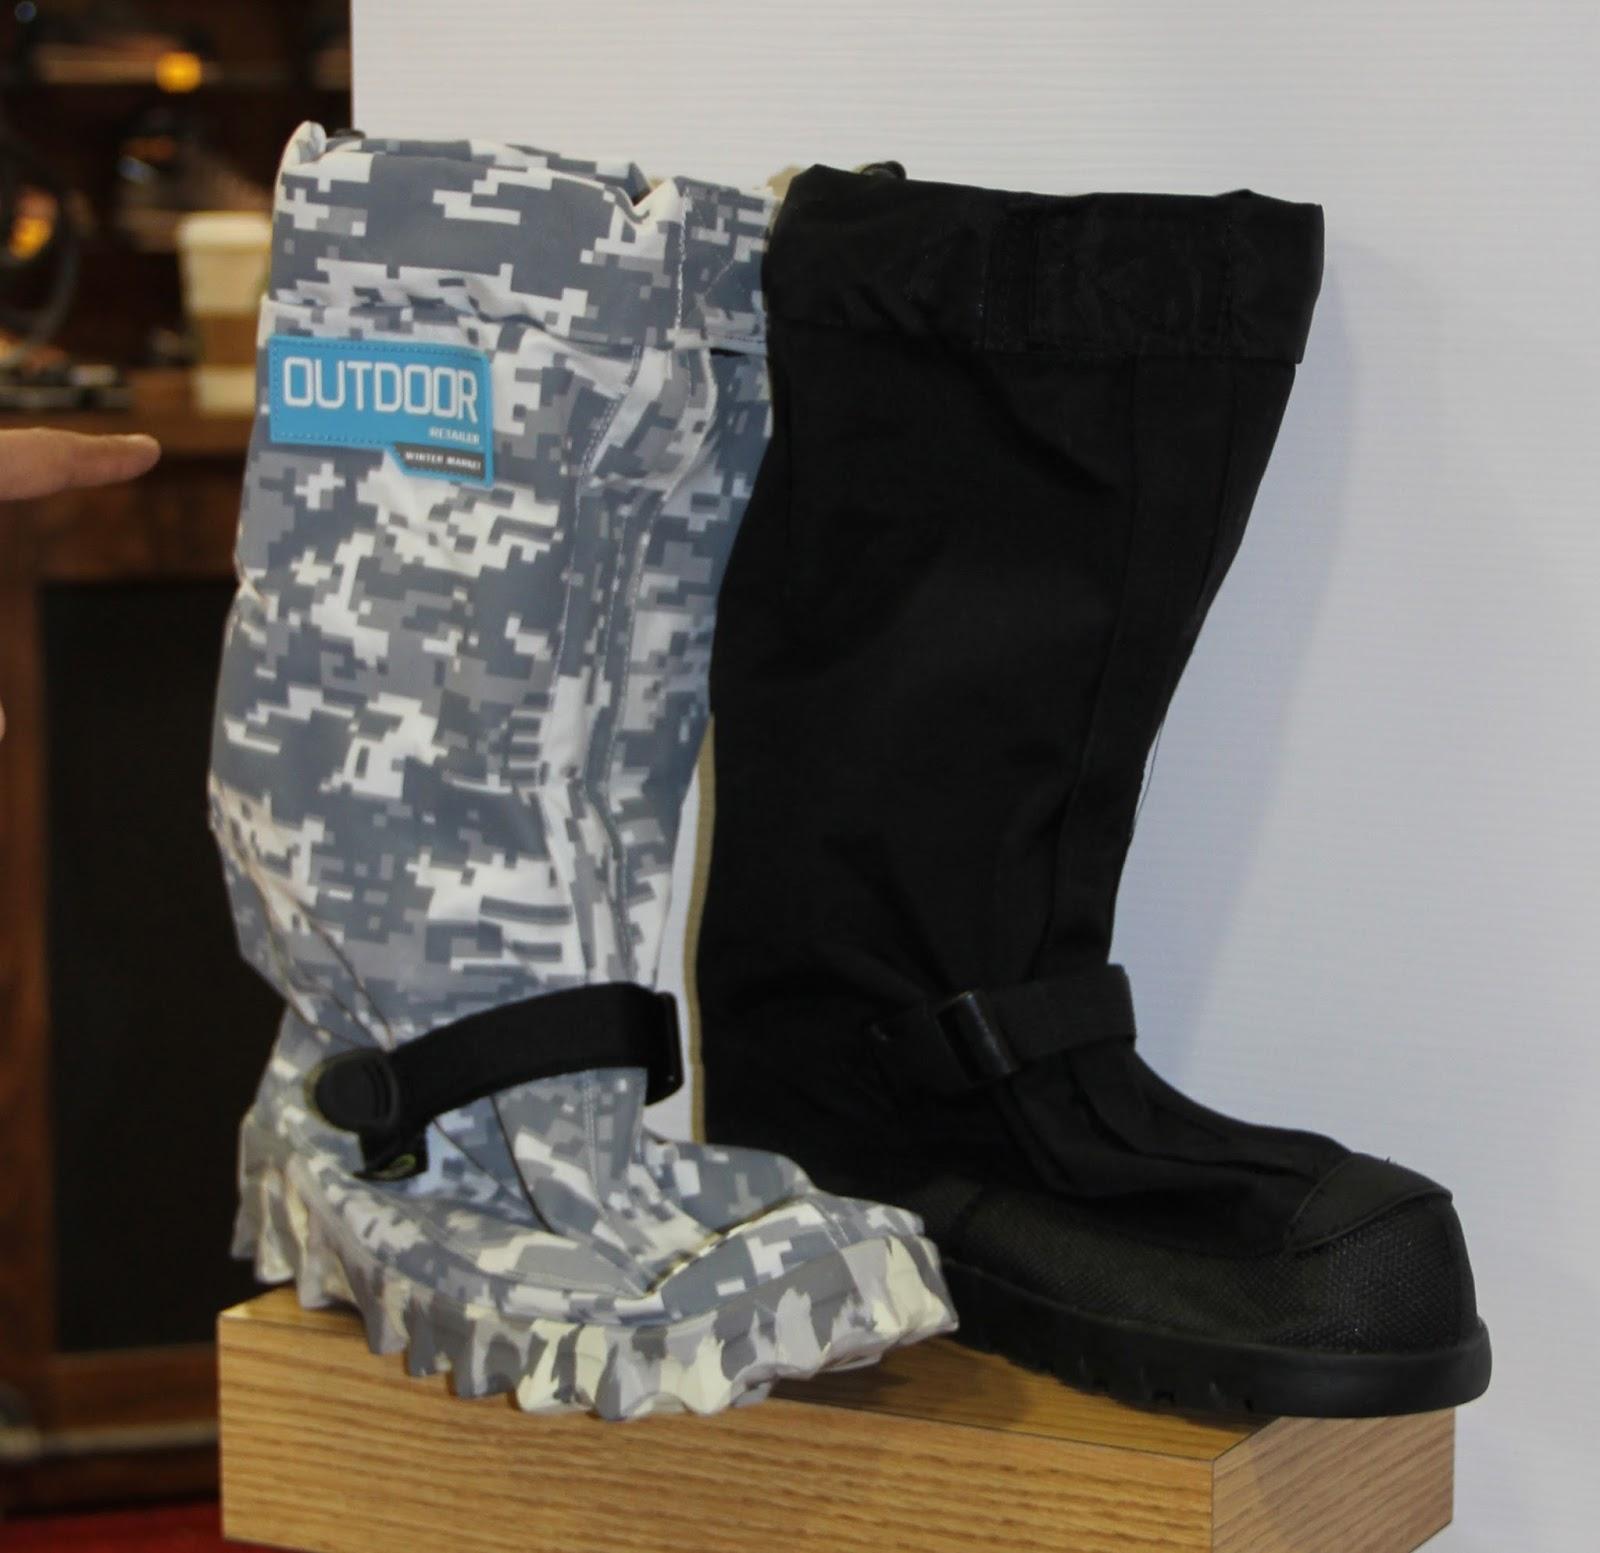 LYRA MAG.: Outdoor Retailer-Apparel, Footwear, Gear Color